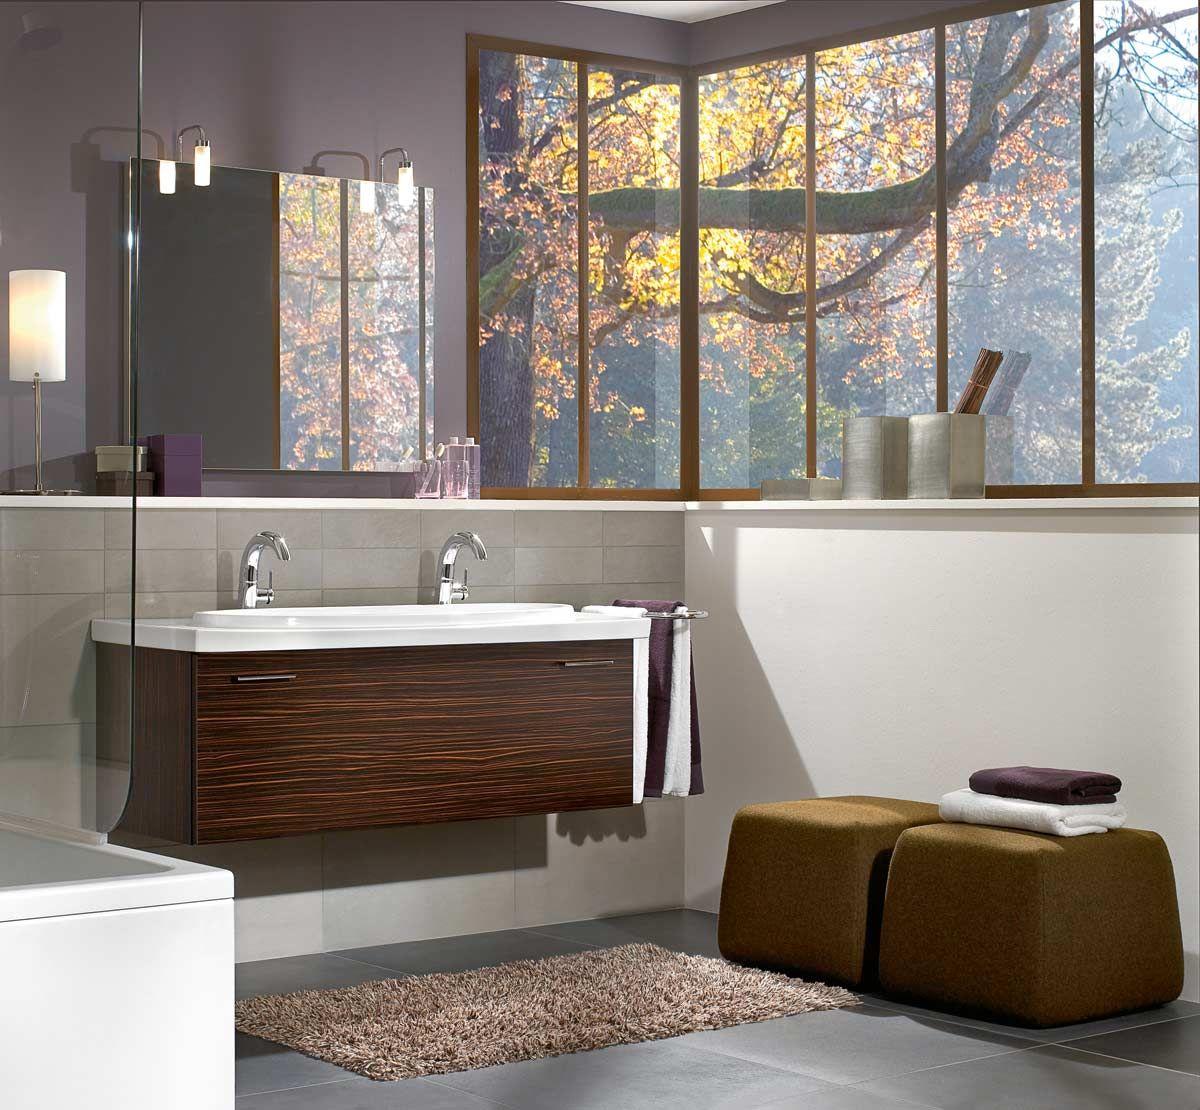 Pin Van European Bathrooms Uk Op Villeroy Boch Furniture